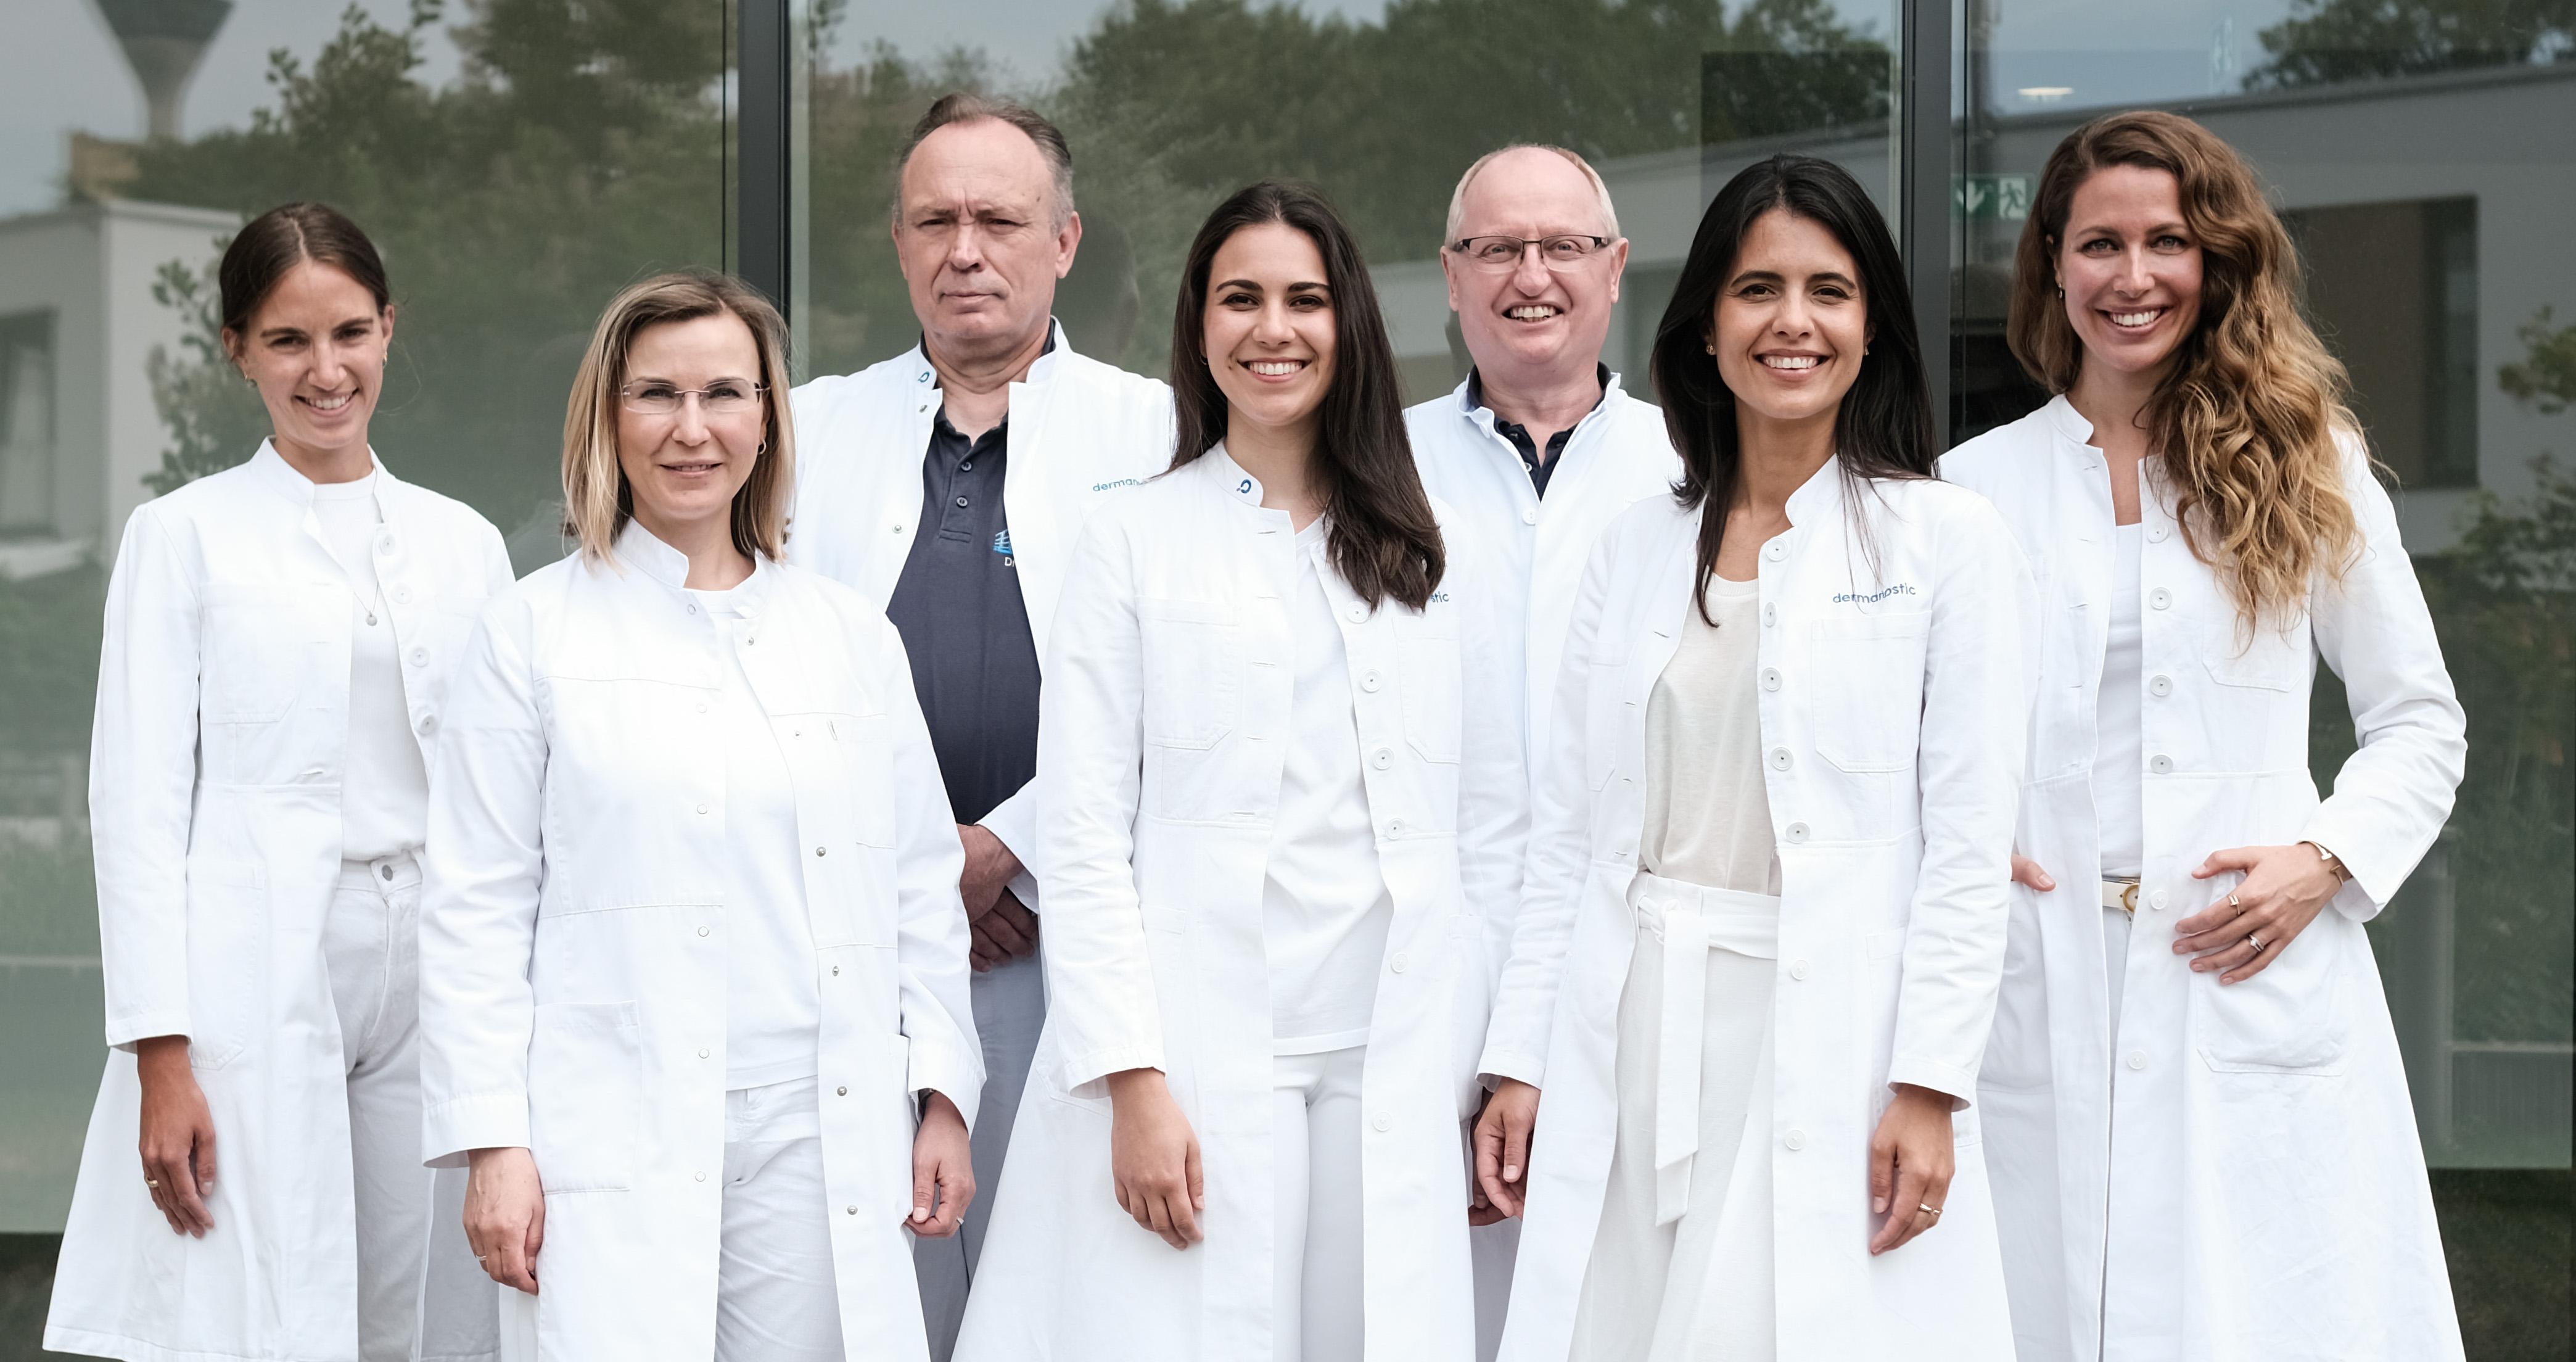 Auf dem Bild ist das dermanositc-Team aus Düsseldorf zu sehen, alle in weiß gekleidet.